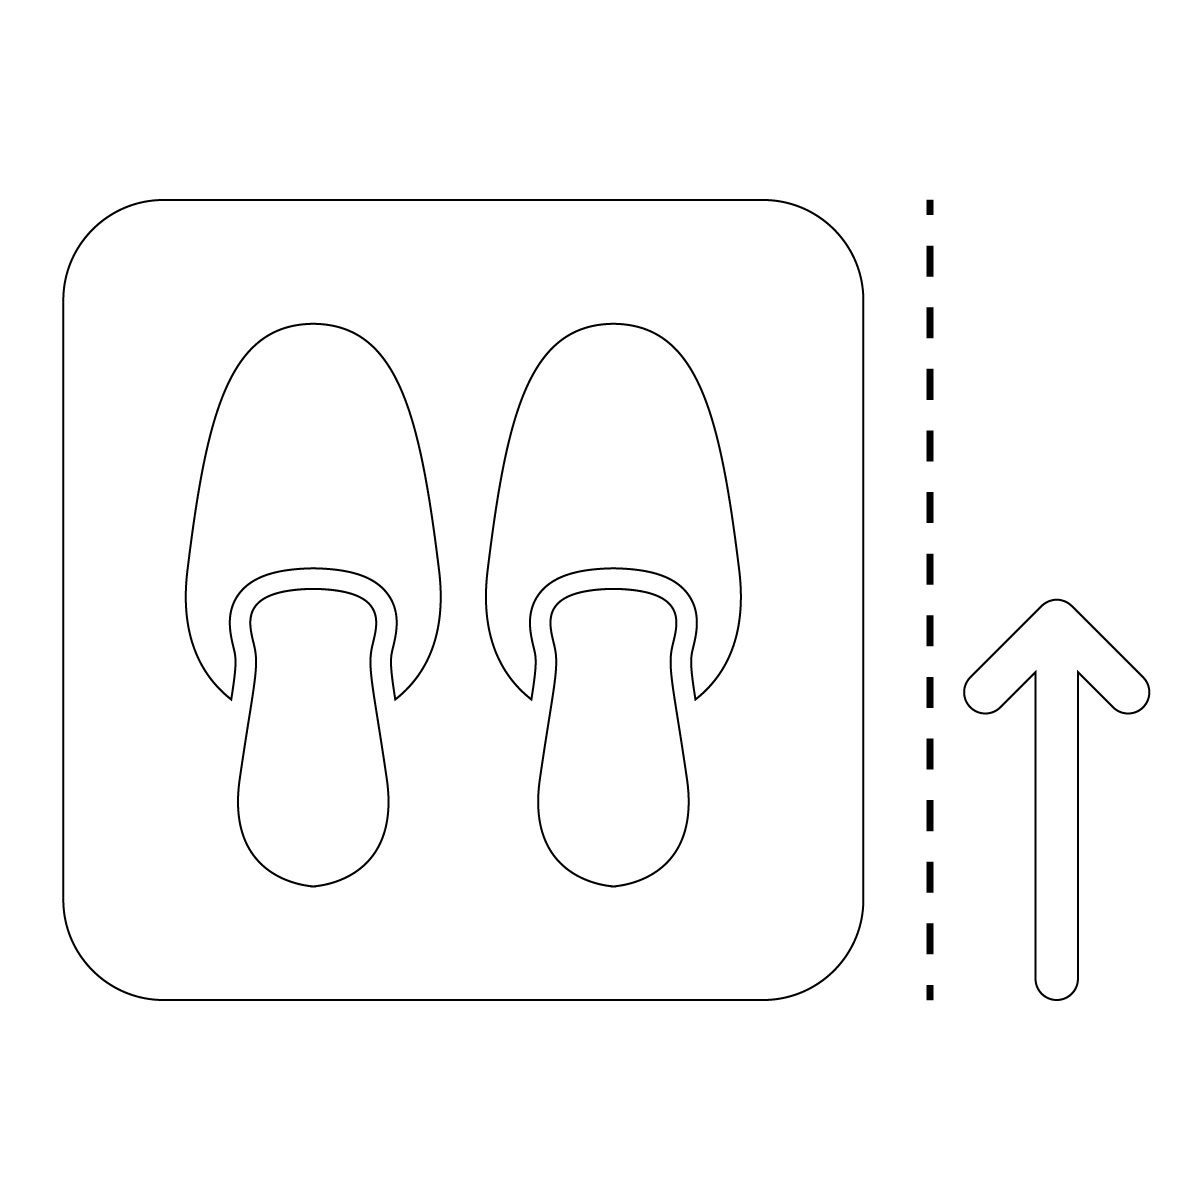 白色のスリッパ・内履き案内マーク(矢印付き)のカッティングステッカー光沢タイプ・防水・耐水・屋外耐候3~4年